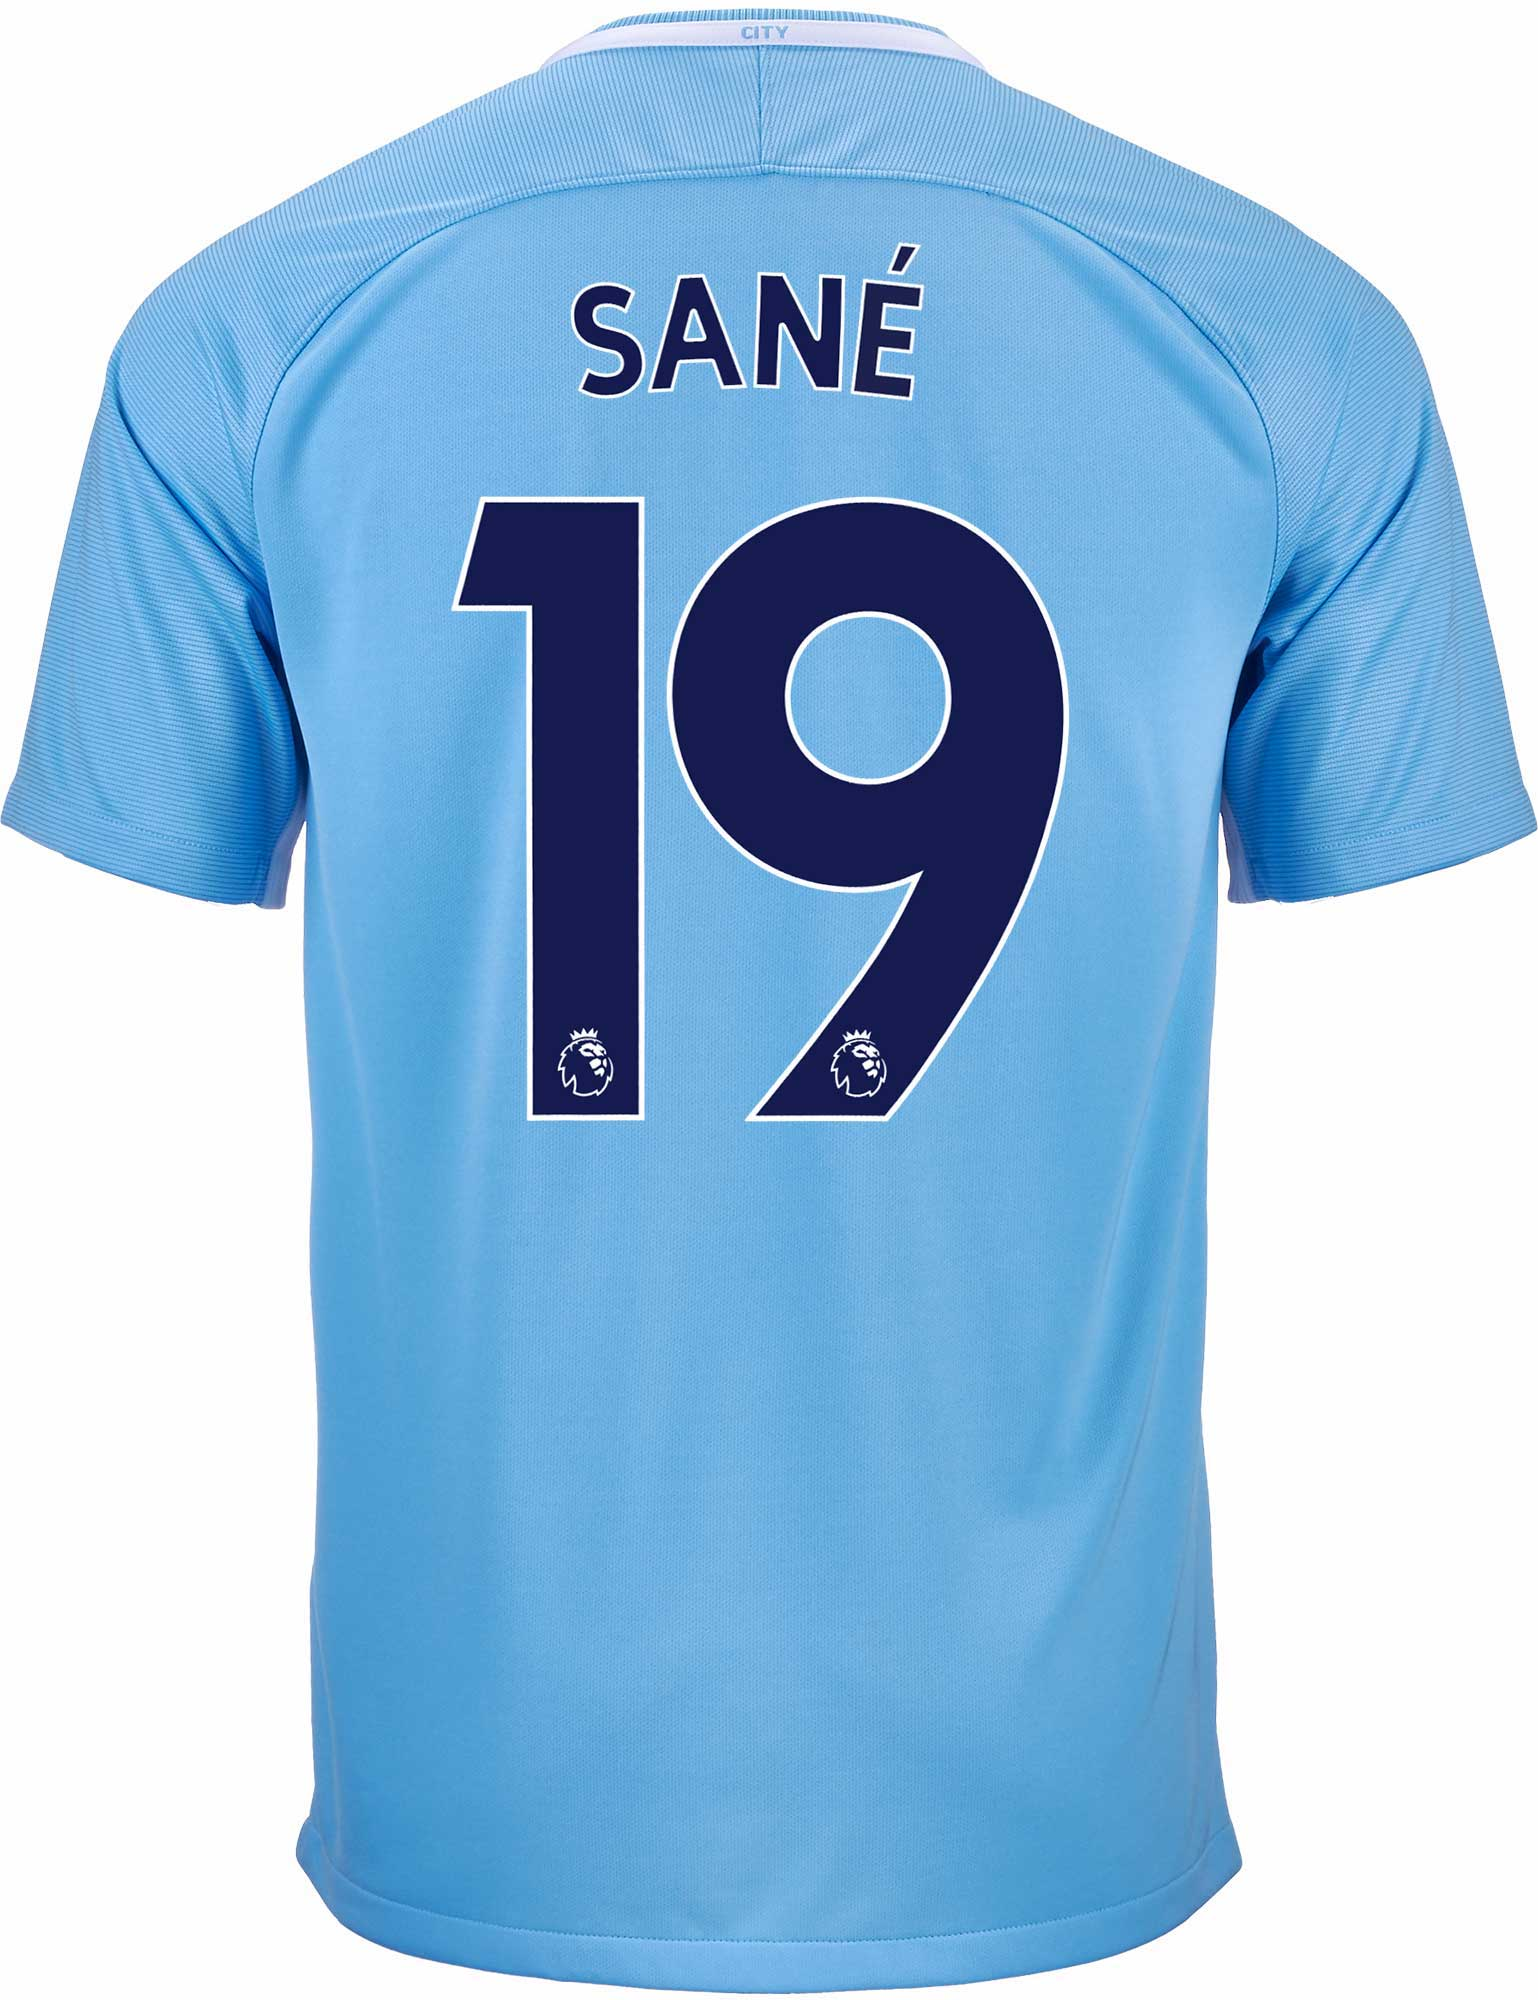 Nike Leroy Sane Manchester City Home Jersey 2017-18 - SoccerPro